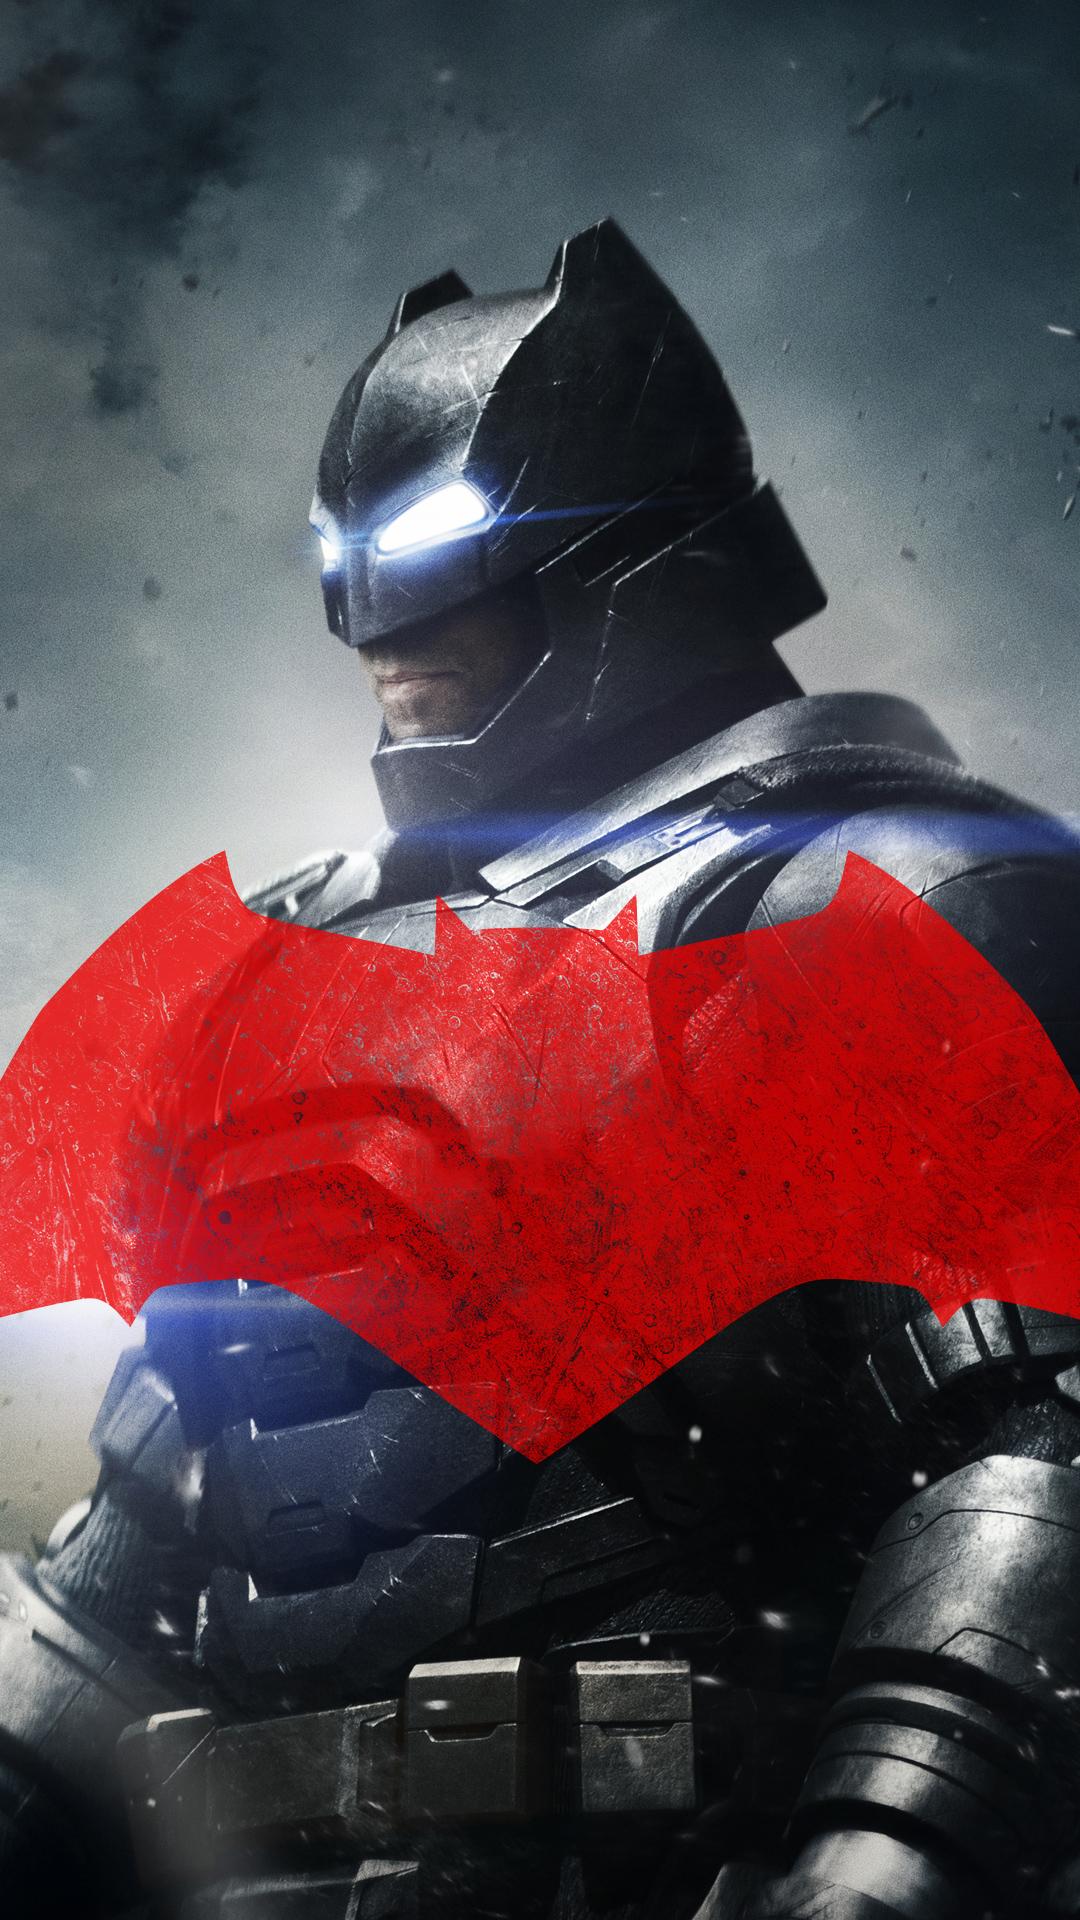 Batman vs Superman Ben Affleck iPhone 6 Plus HD Wallpaper iPod 1080x1920